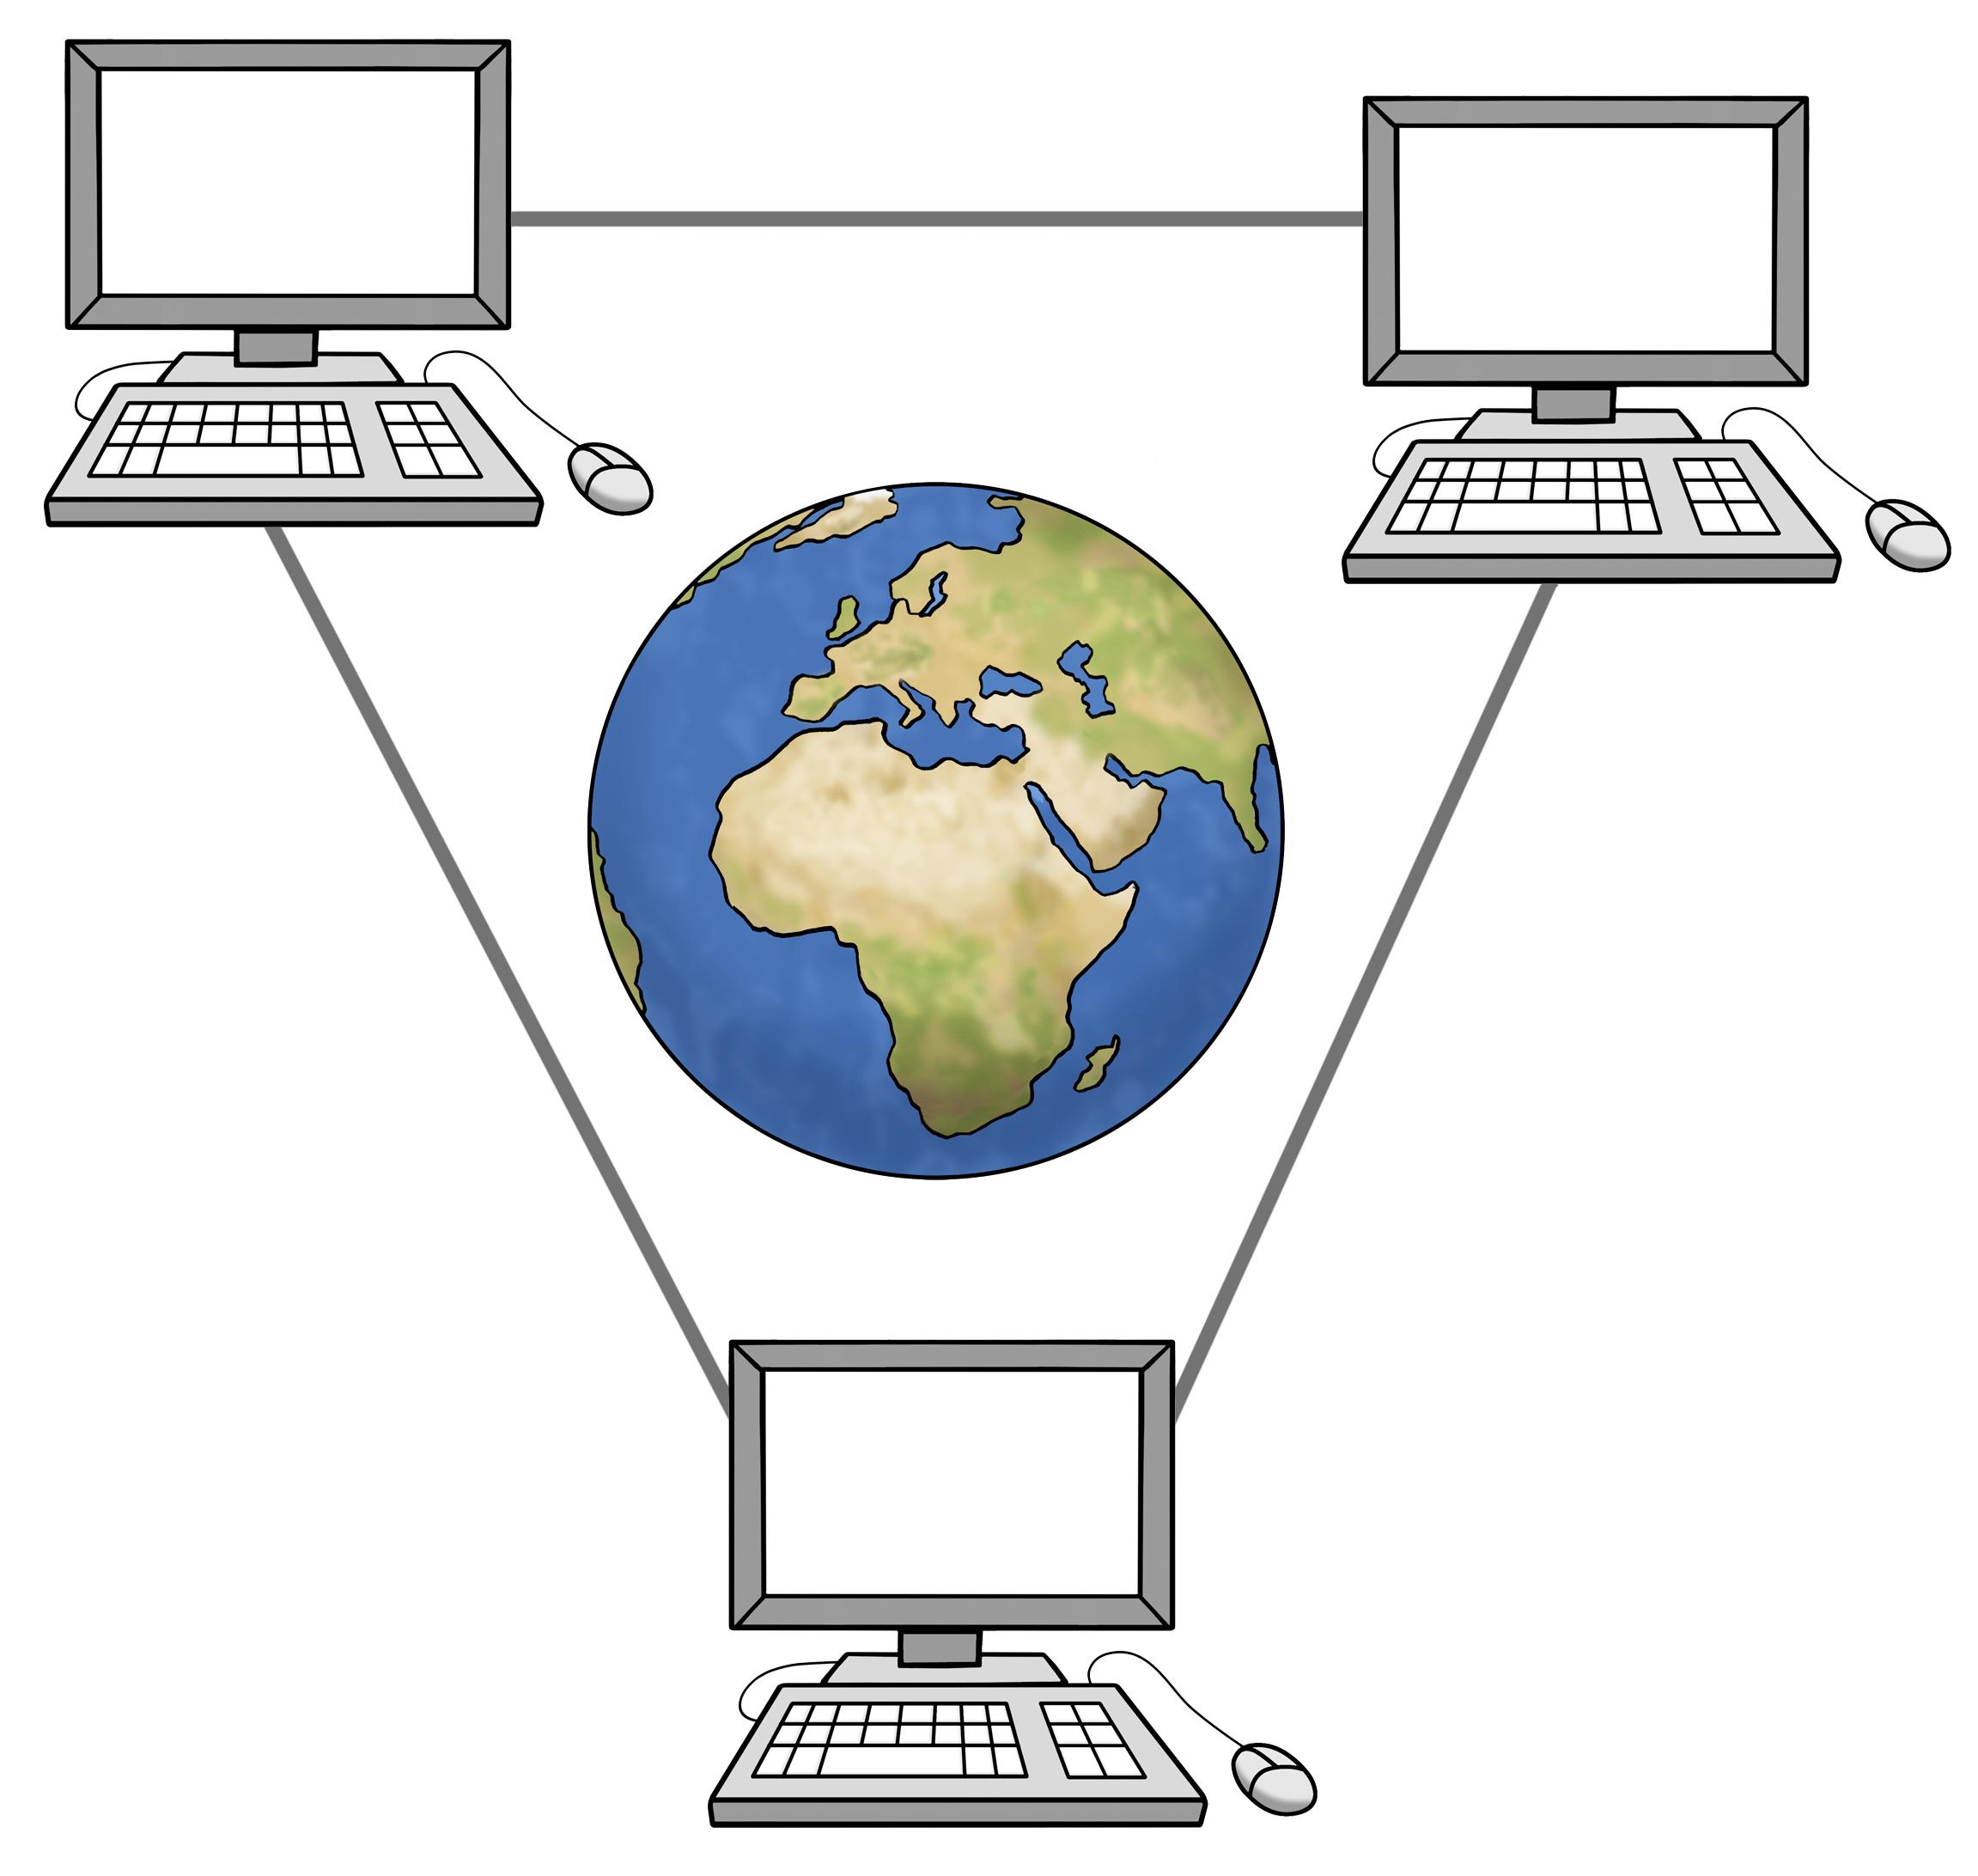 Computer durch Internet verbunden, in der Mitte ein Globus